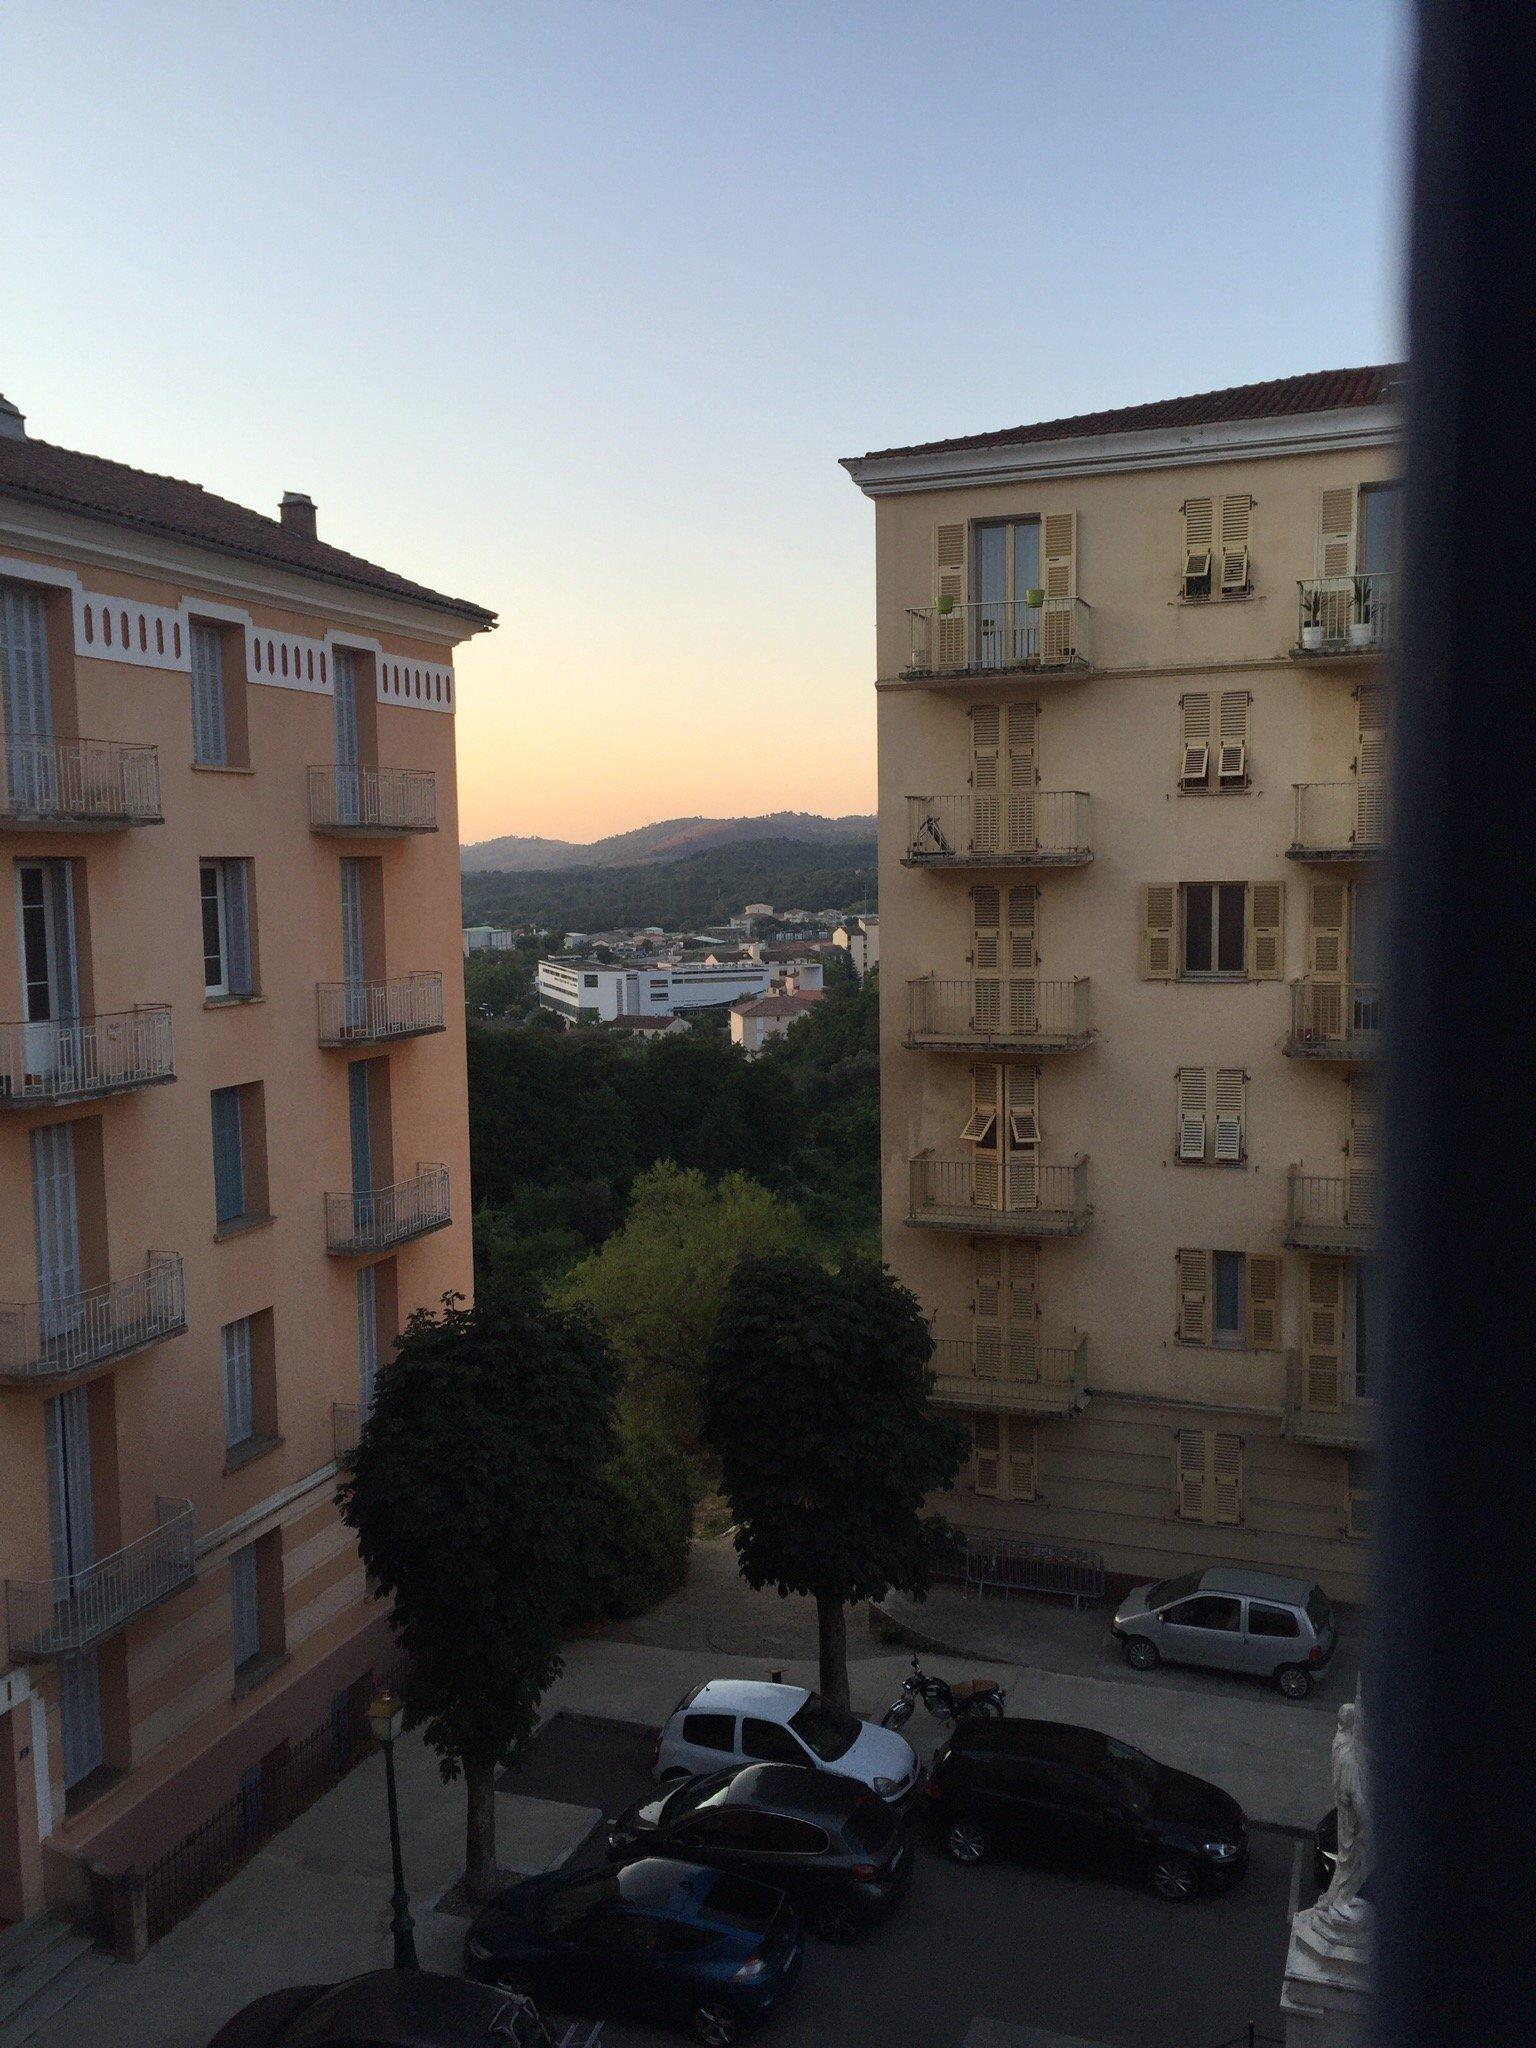 Chambres d Hote Pierre Simonetti Corte Corsica B&B Reviews